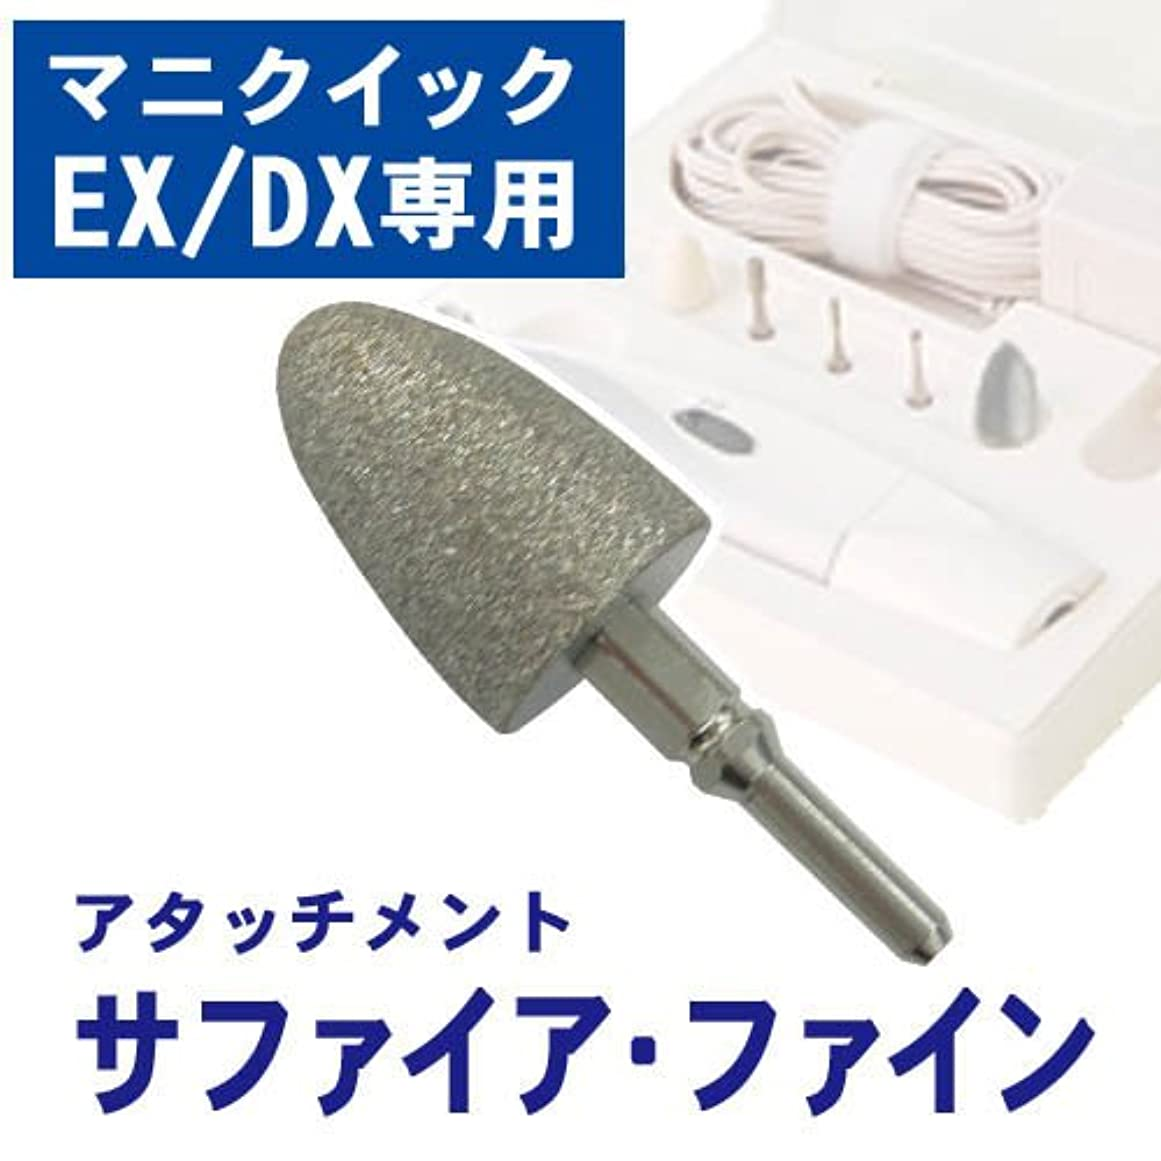 盆腐食するおかしいマニクイックEX/DX 専用アタッチメント ( サファイア?ファイン )